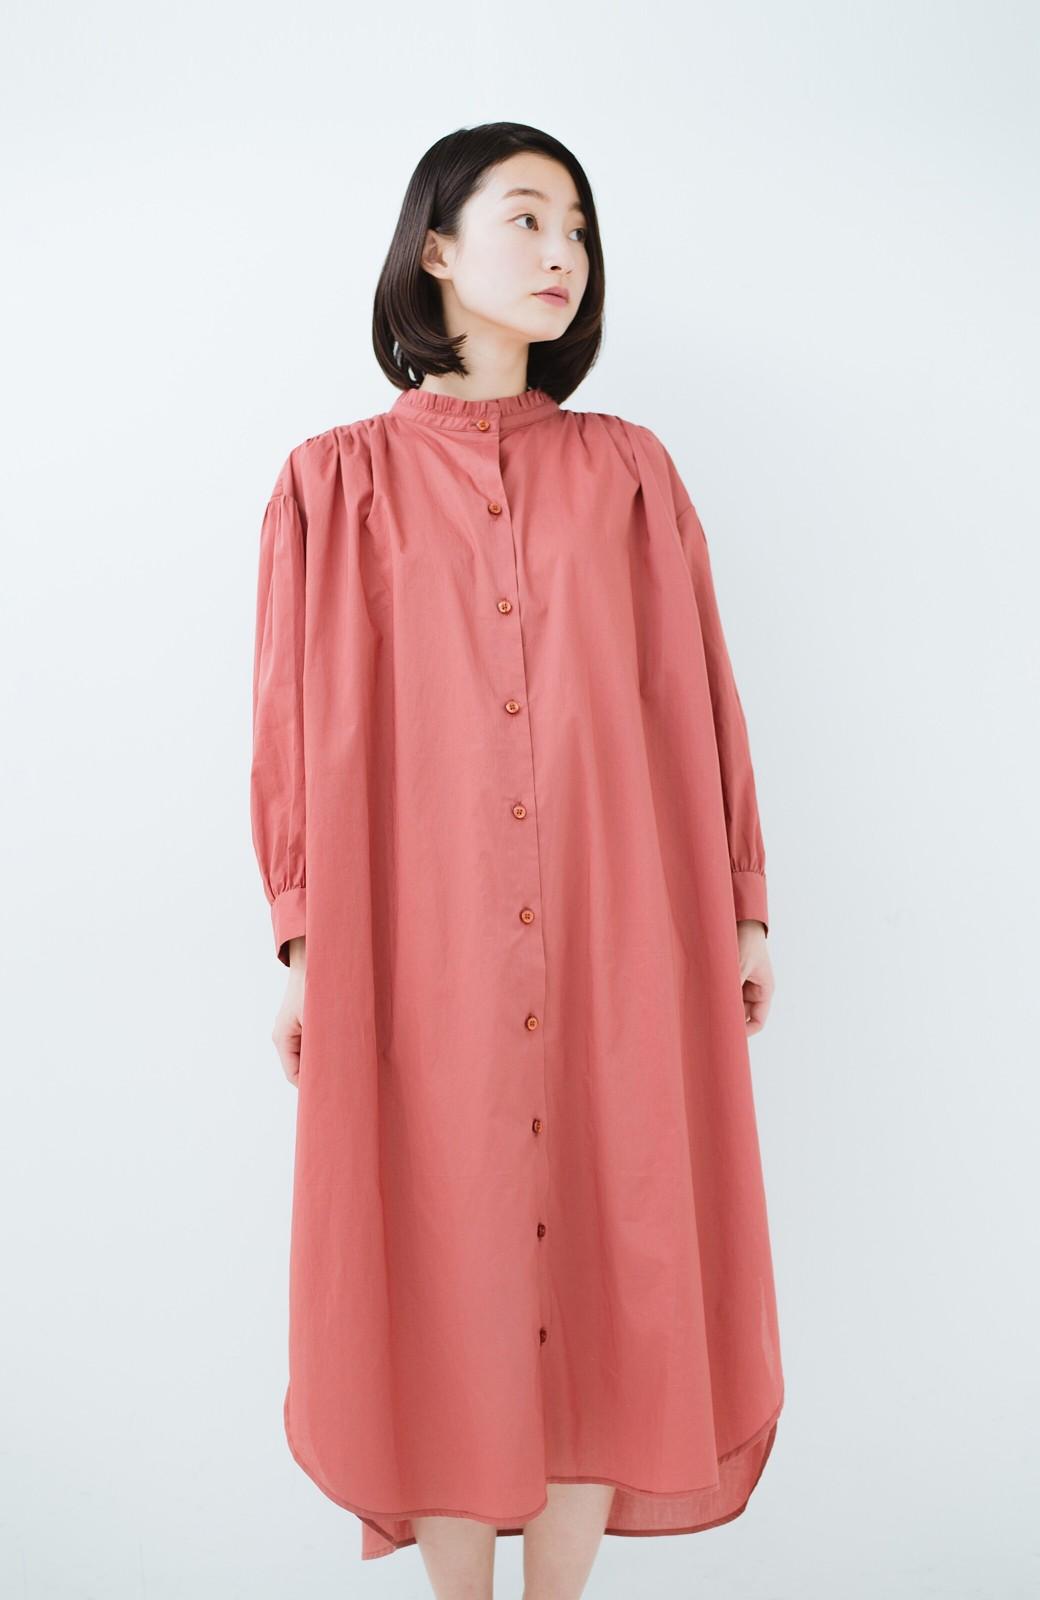 haco! 羽織りにもなって着回しのきくサッシュベルト付きシャツワンピース <ピンク>の商品写真21